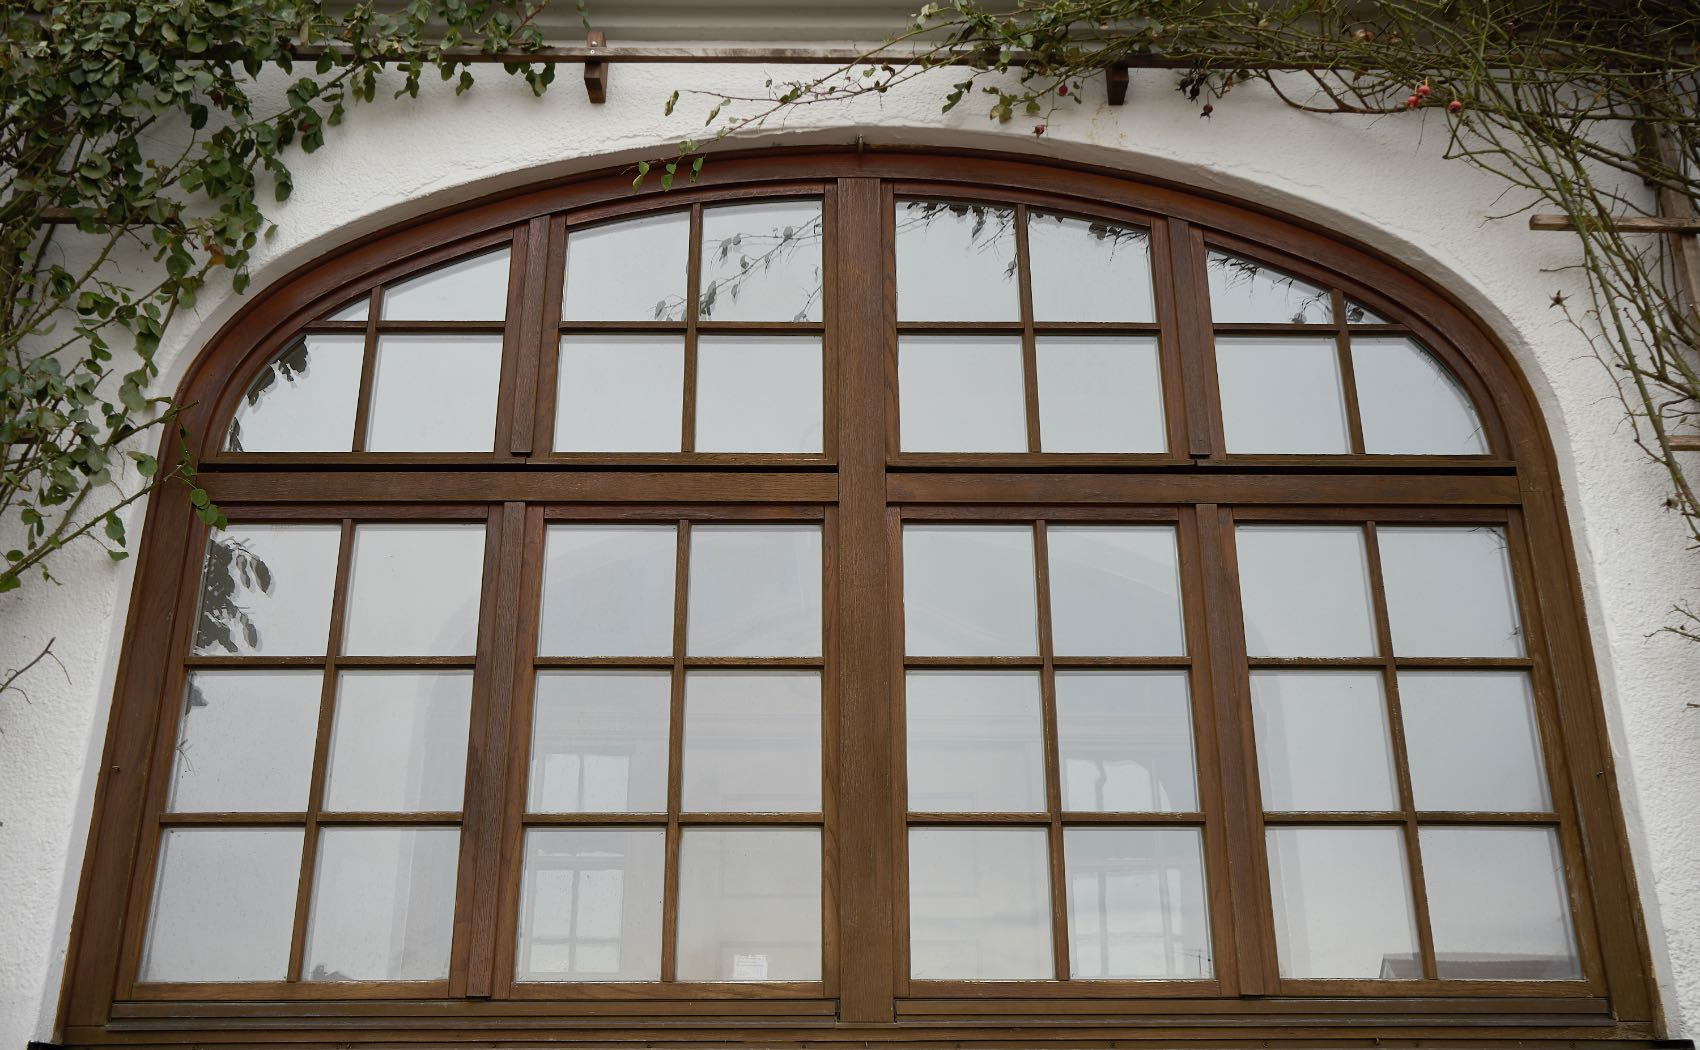 Historisches Sprossenfenster mit Korbbogen